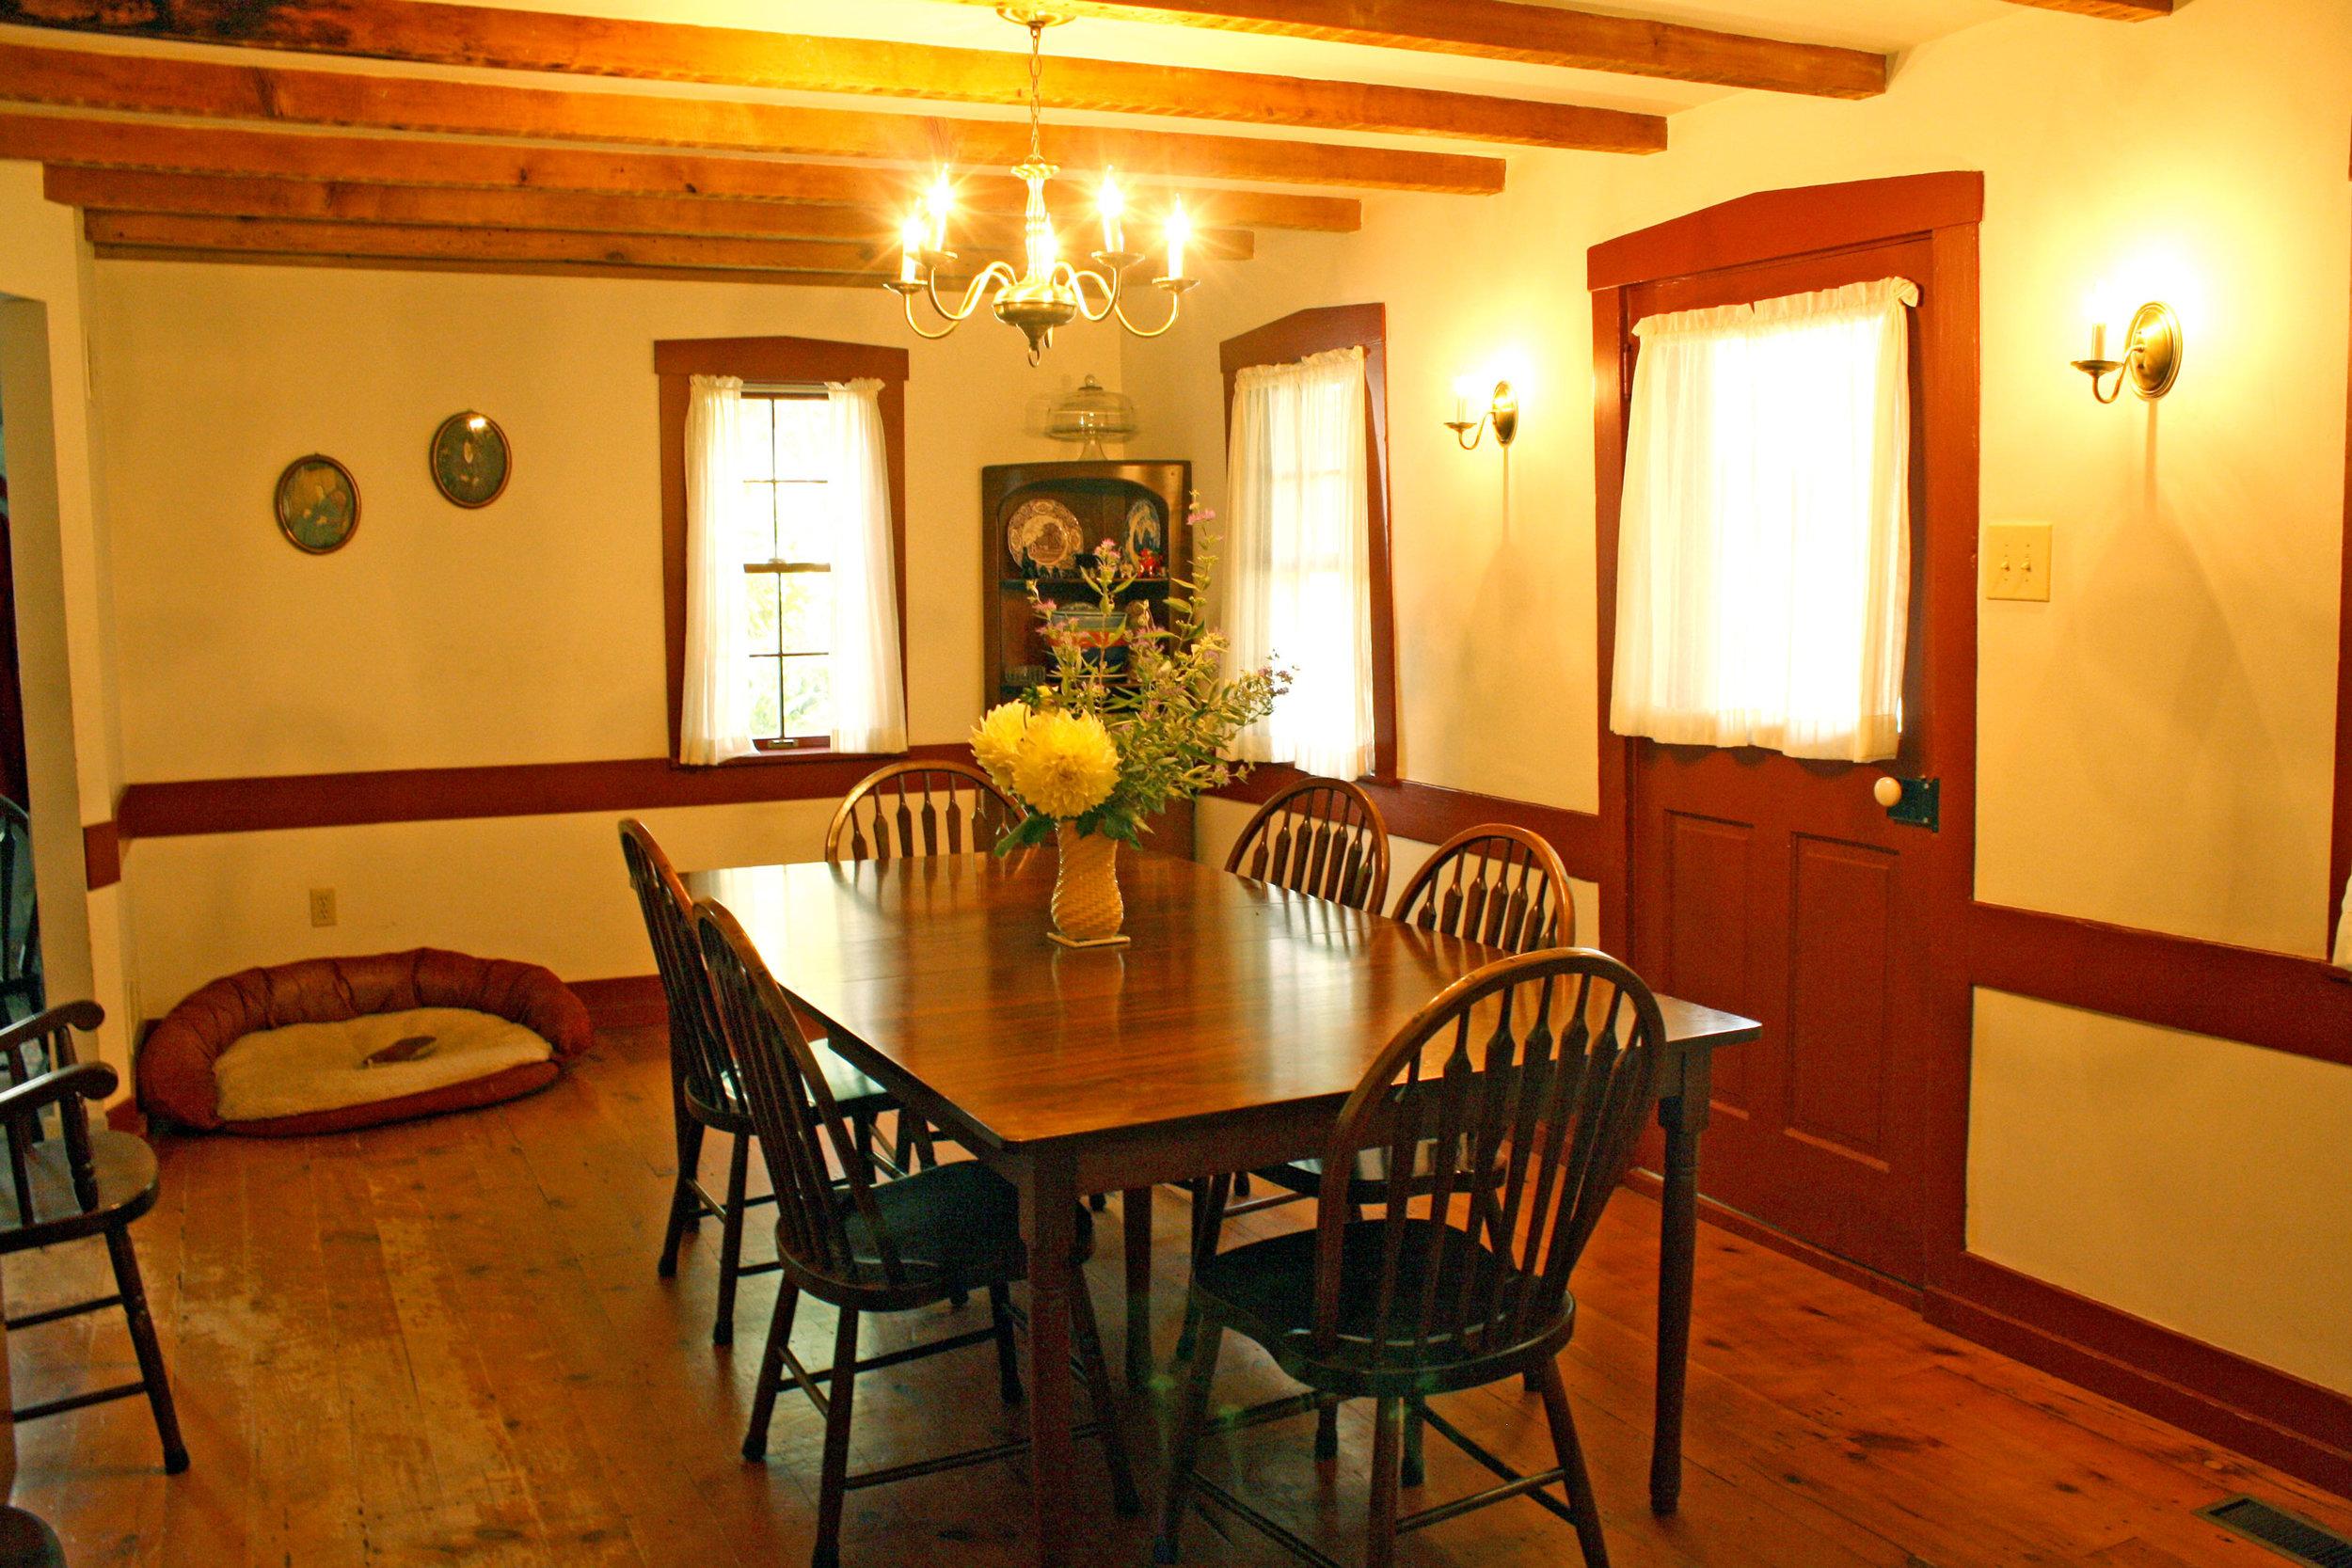 old-dining-room.jpg